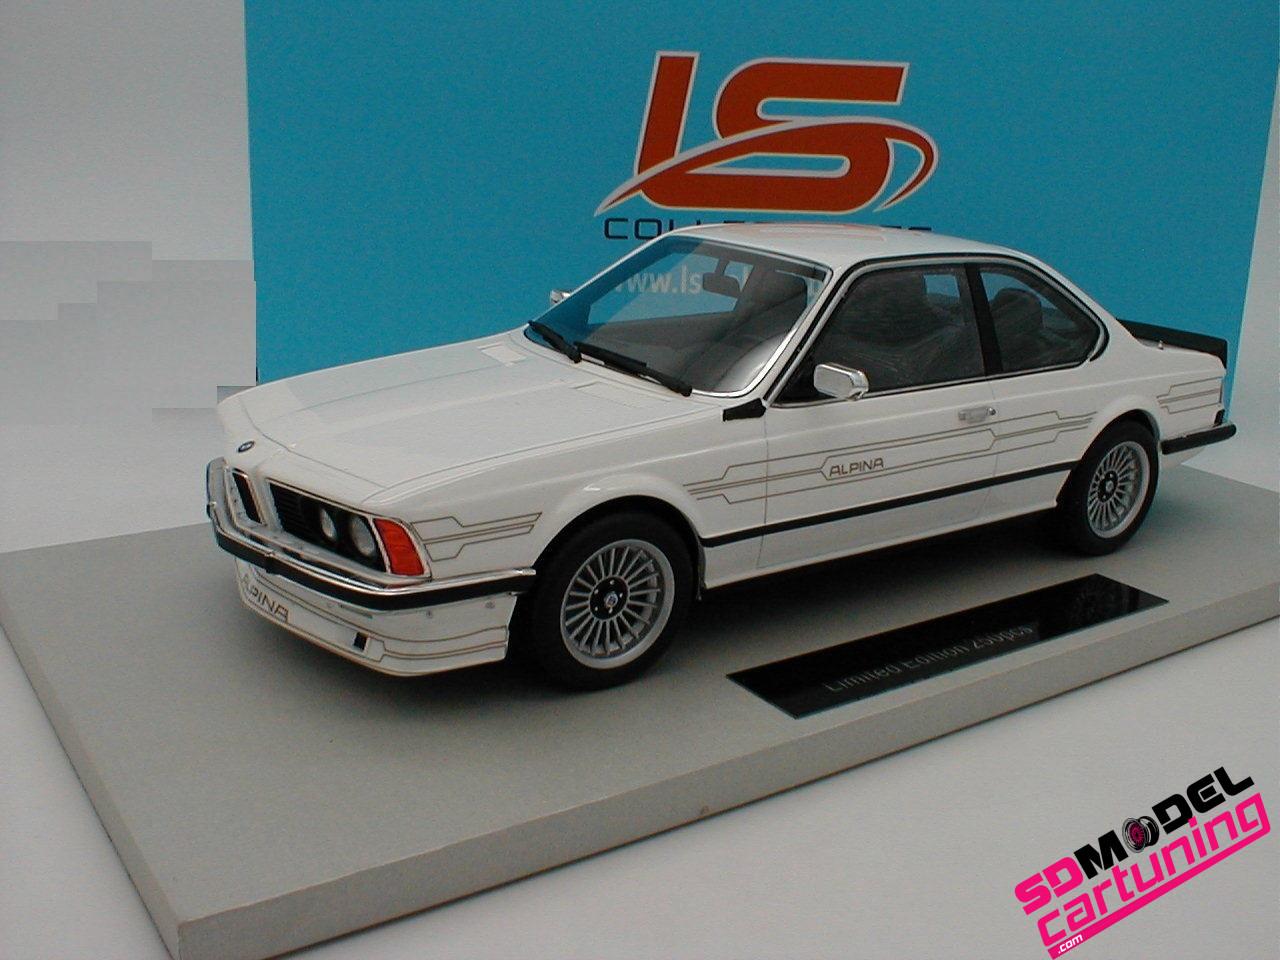 1:18 BMW Alpina B7 Turbo coupe wit